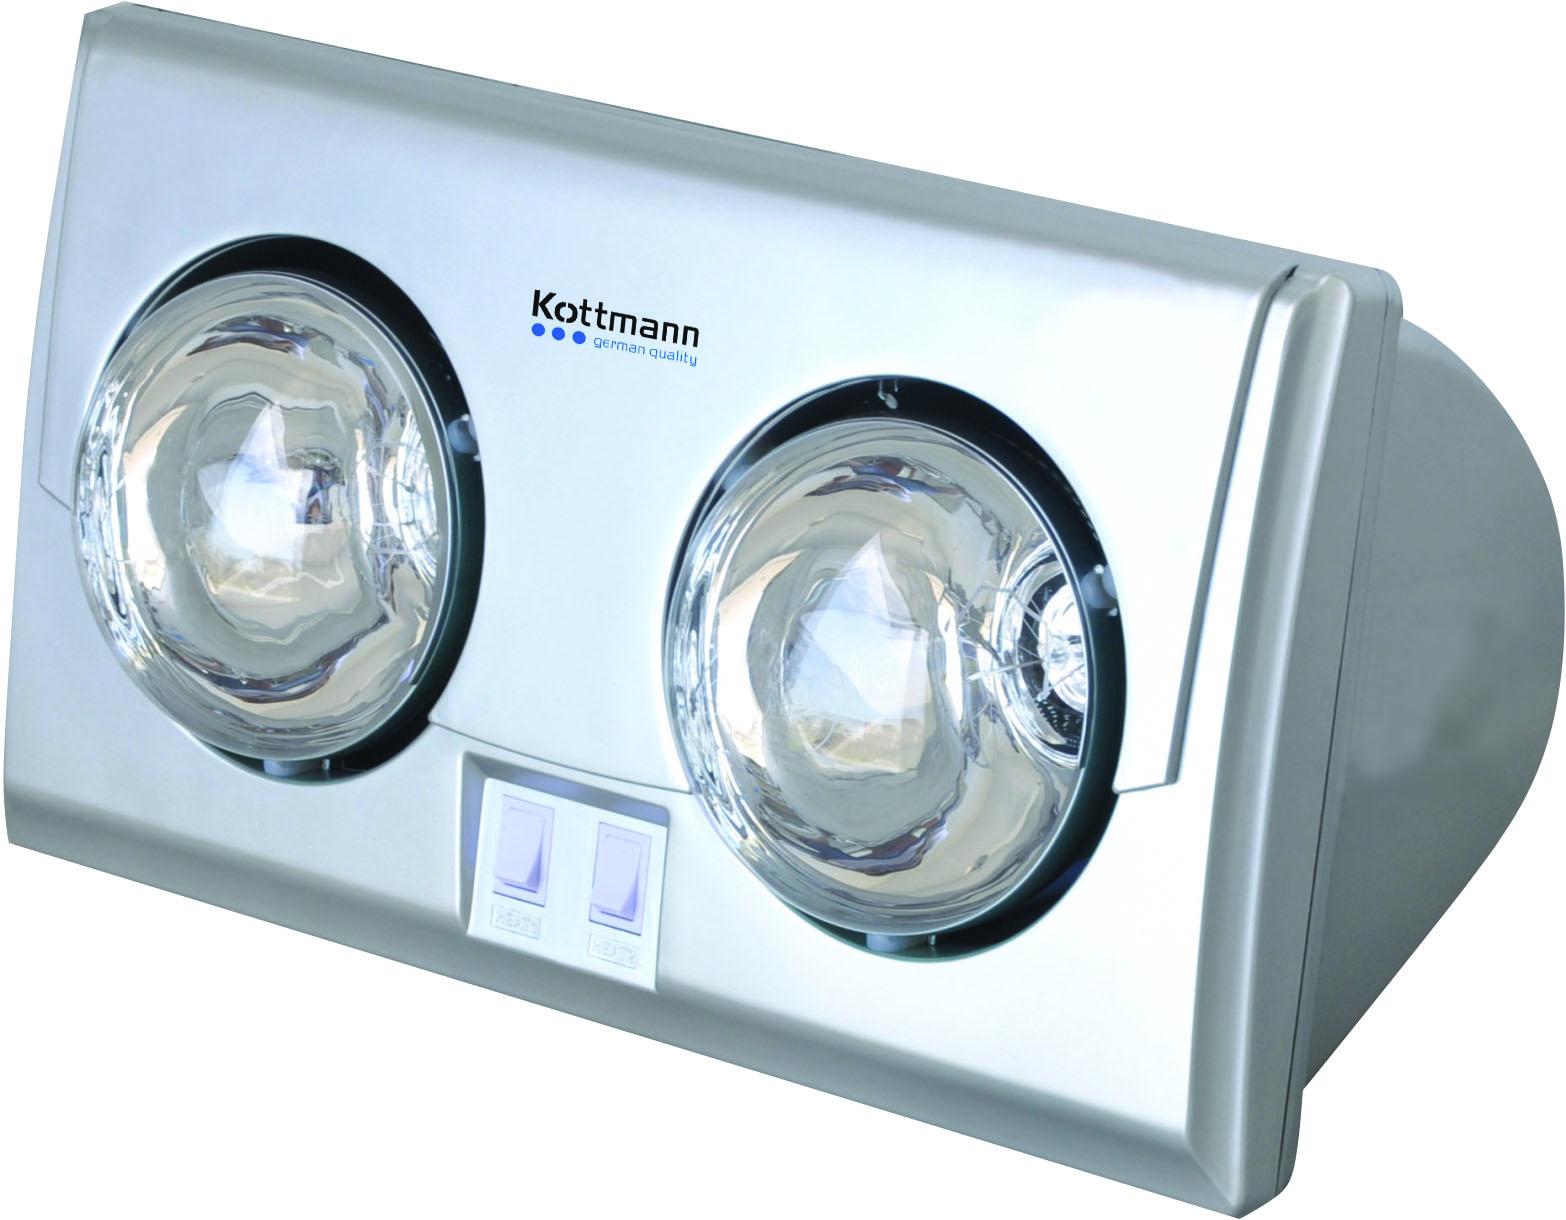 Đèn sưởi nhà tắm Kottmann 2 bóng bạc hồng ngoại